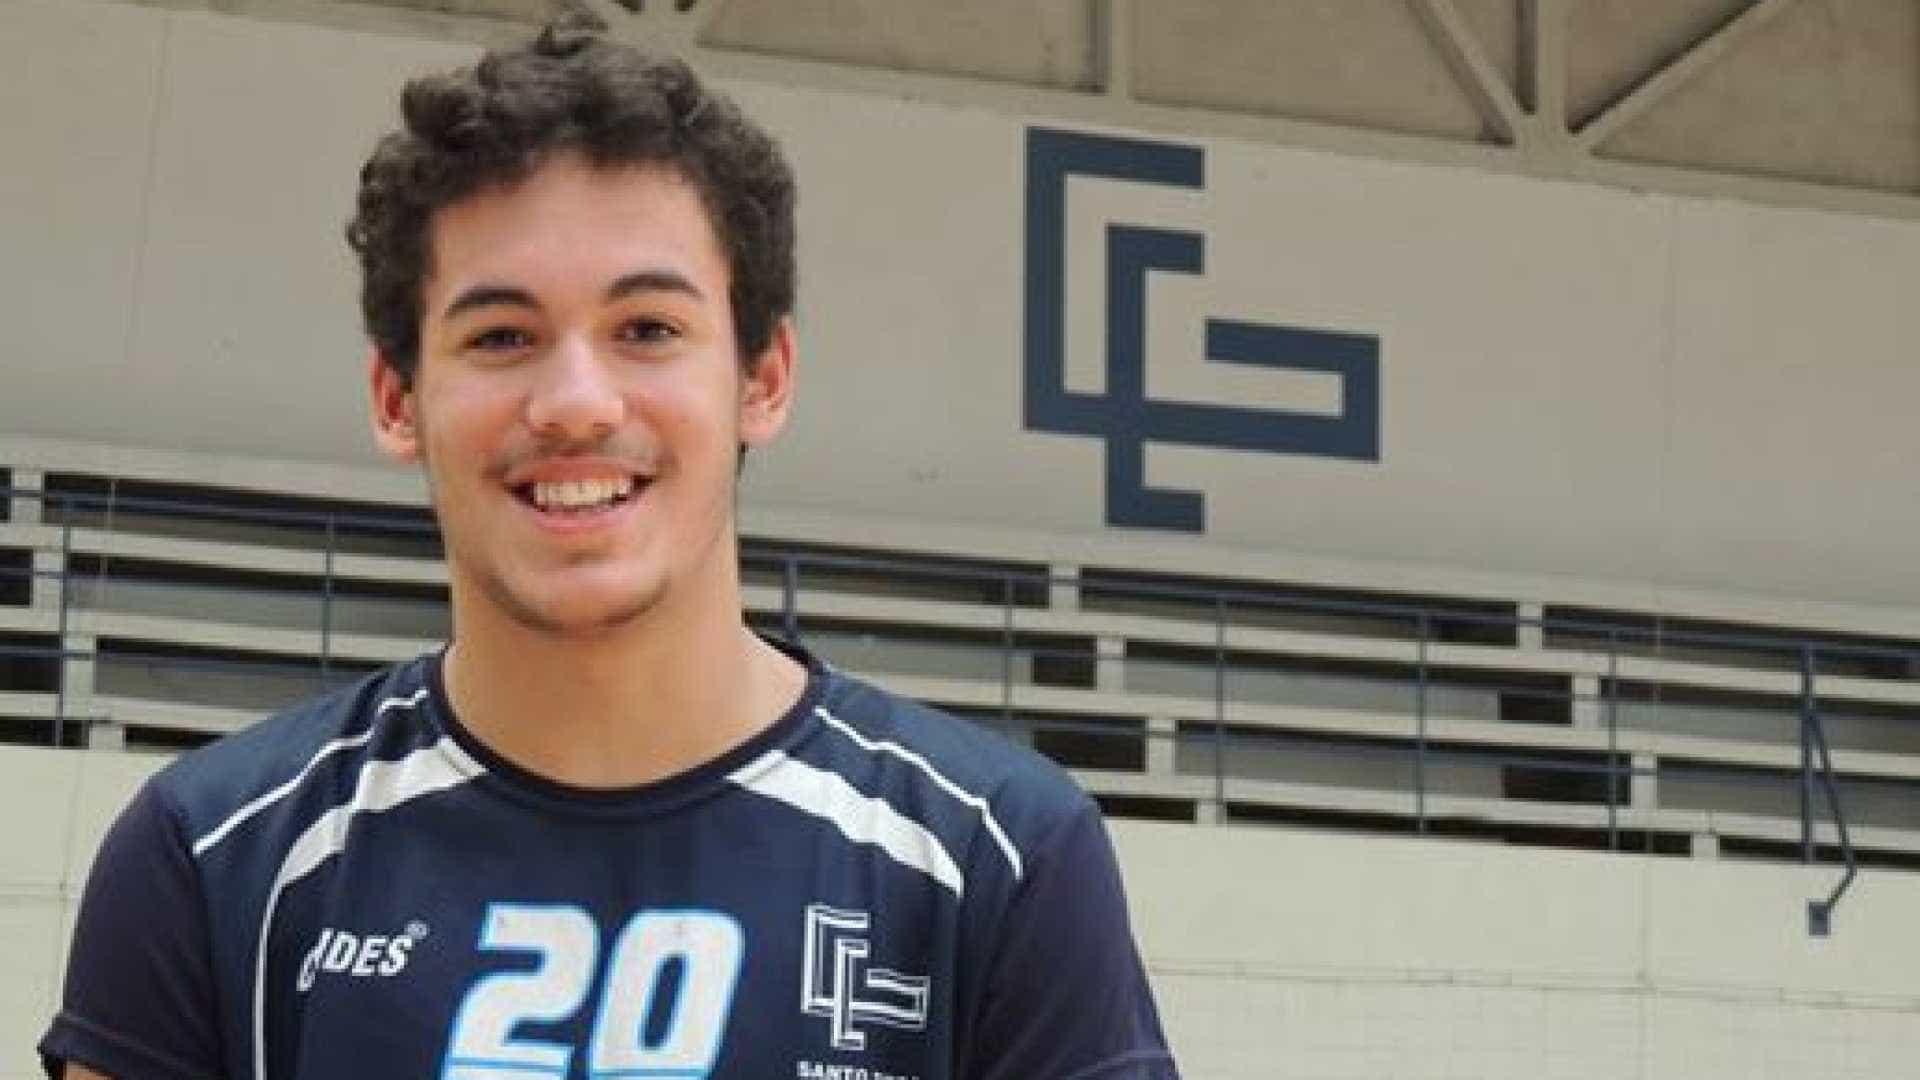 Jogador de vôlei de clube português sofre AVC e morre aos 16 anos